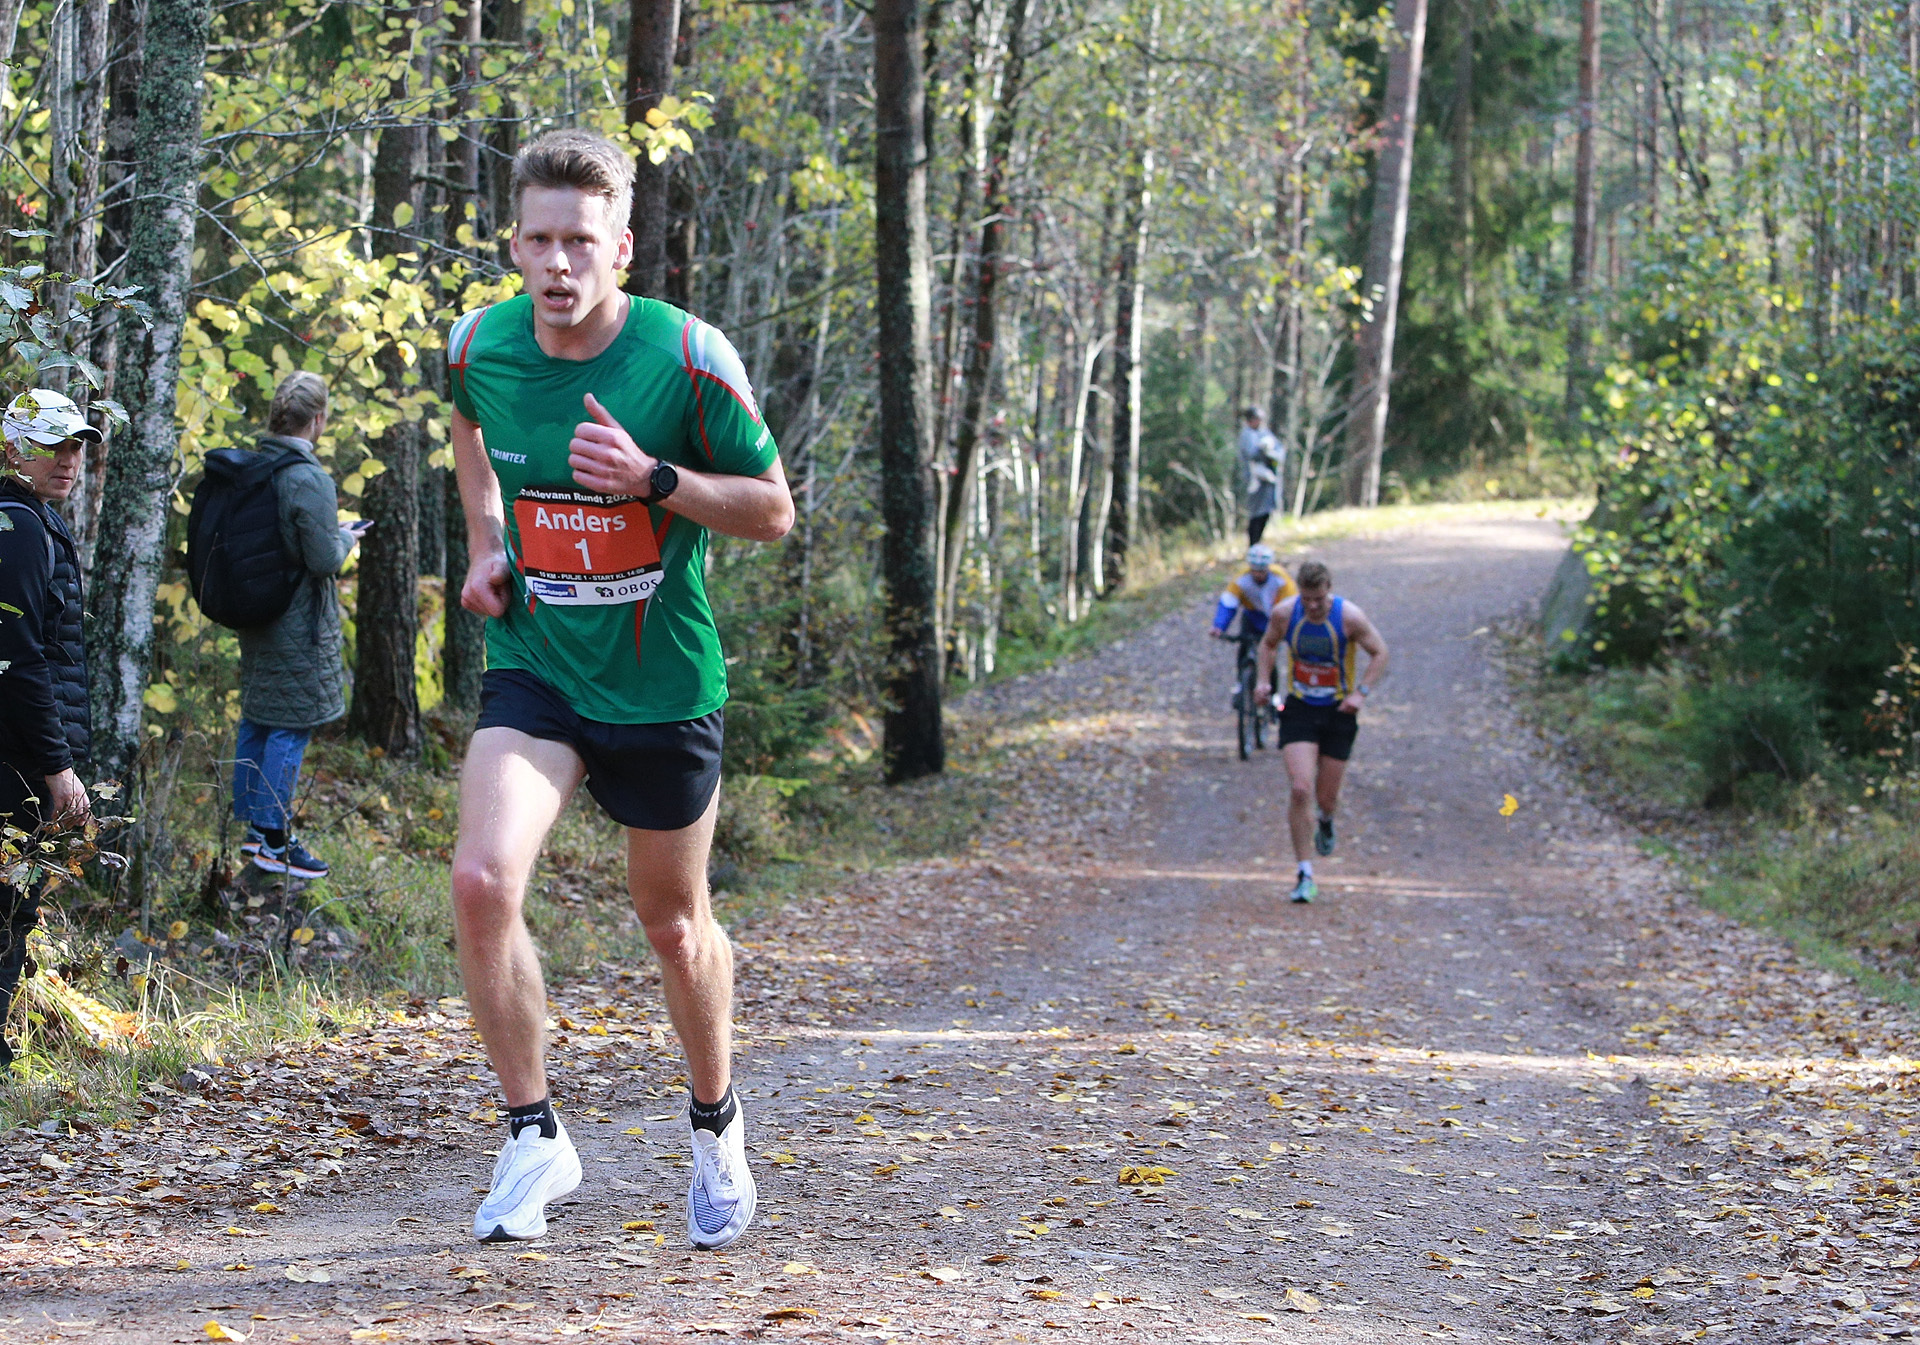 10km_8700m_Gloersen_paa_toppen_av_sprintbakken_loepet_er_avgjort_AZ3T0874.jpg